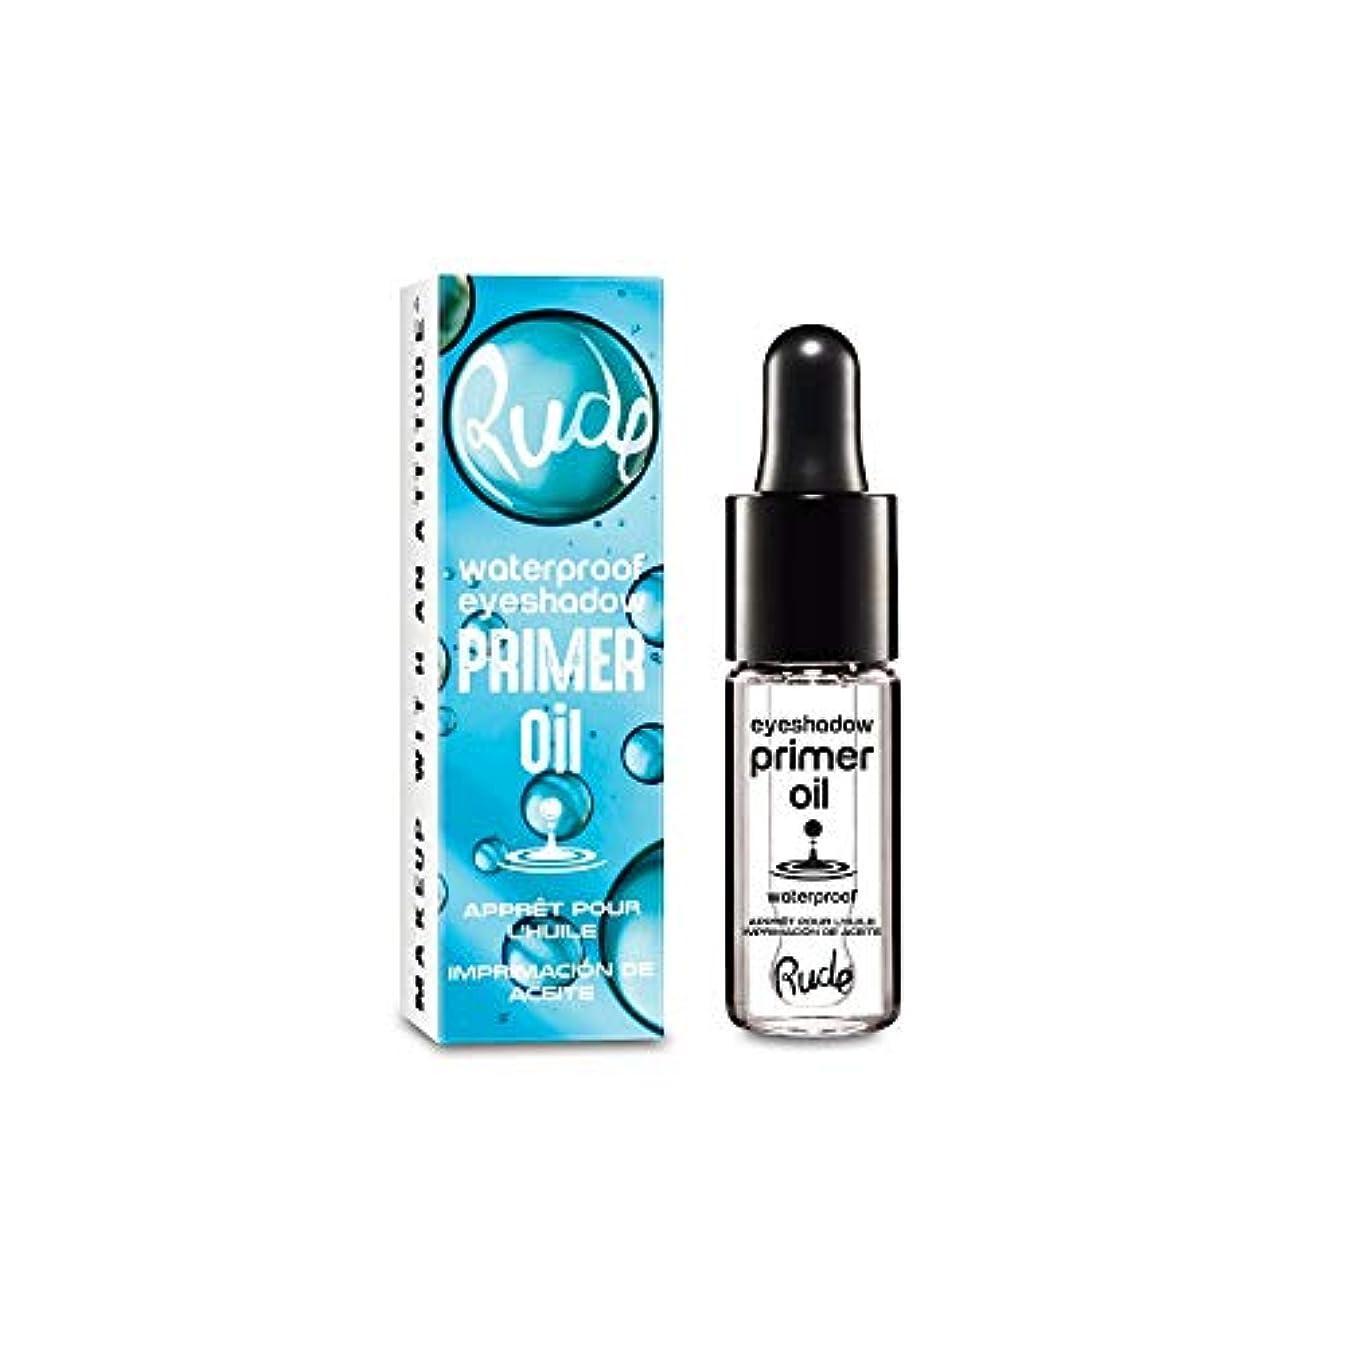 飲料みすぼらしいワックスRUDE Waterproof Eyeshadow Primer Oil (並行輸入品)